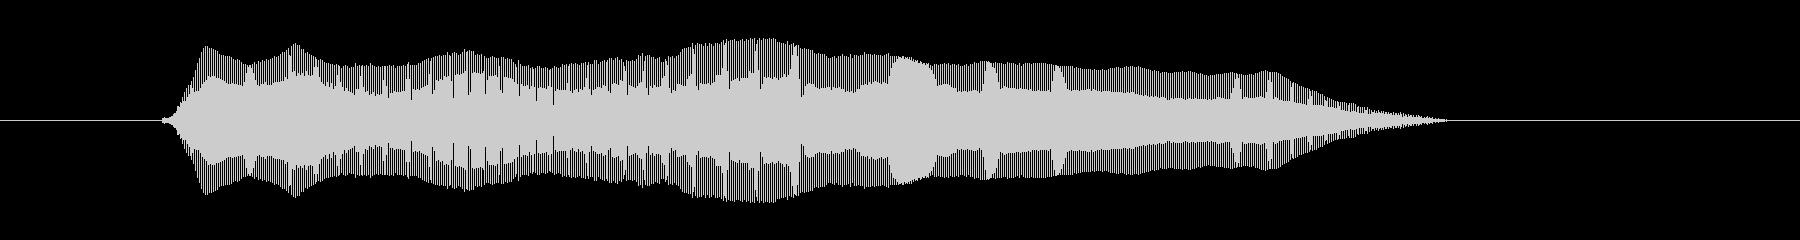 うぇーん の未再生の波形